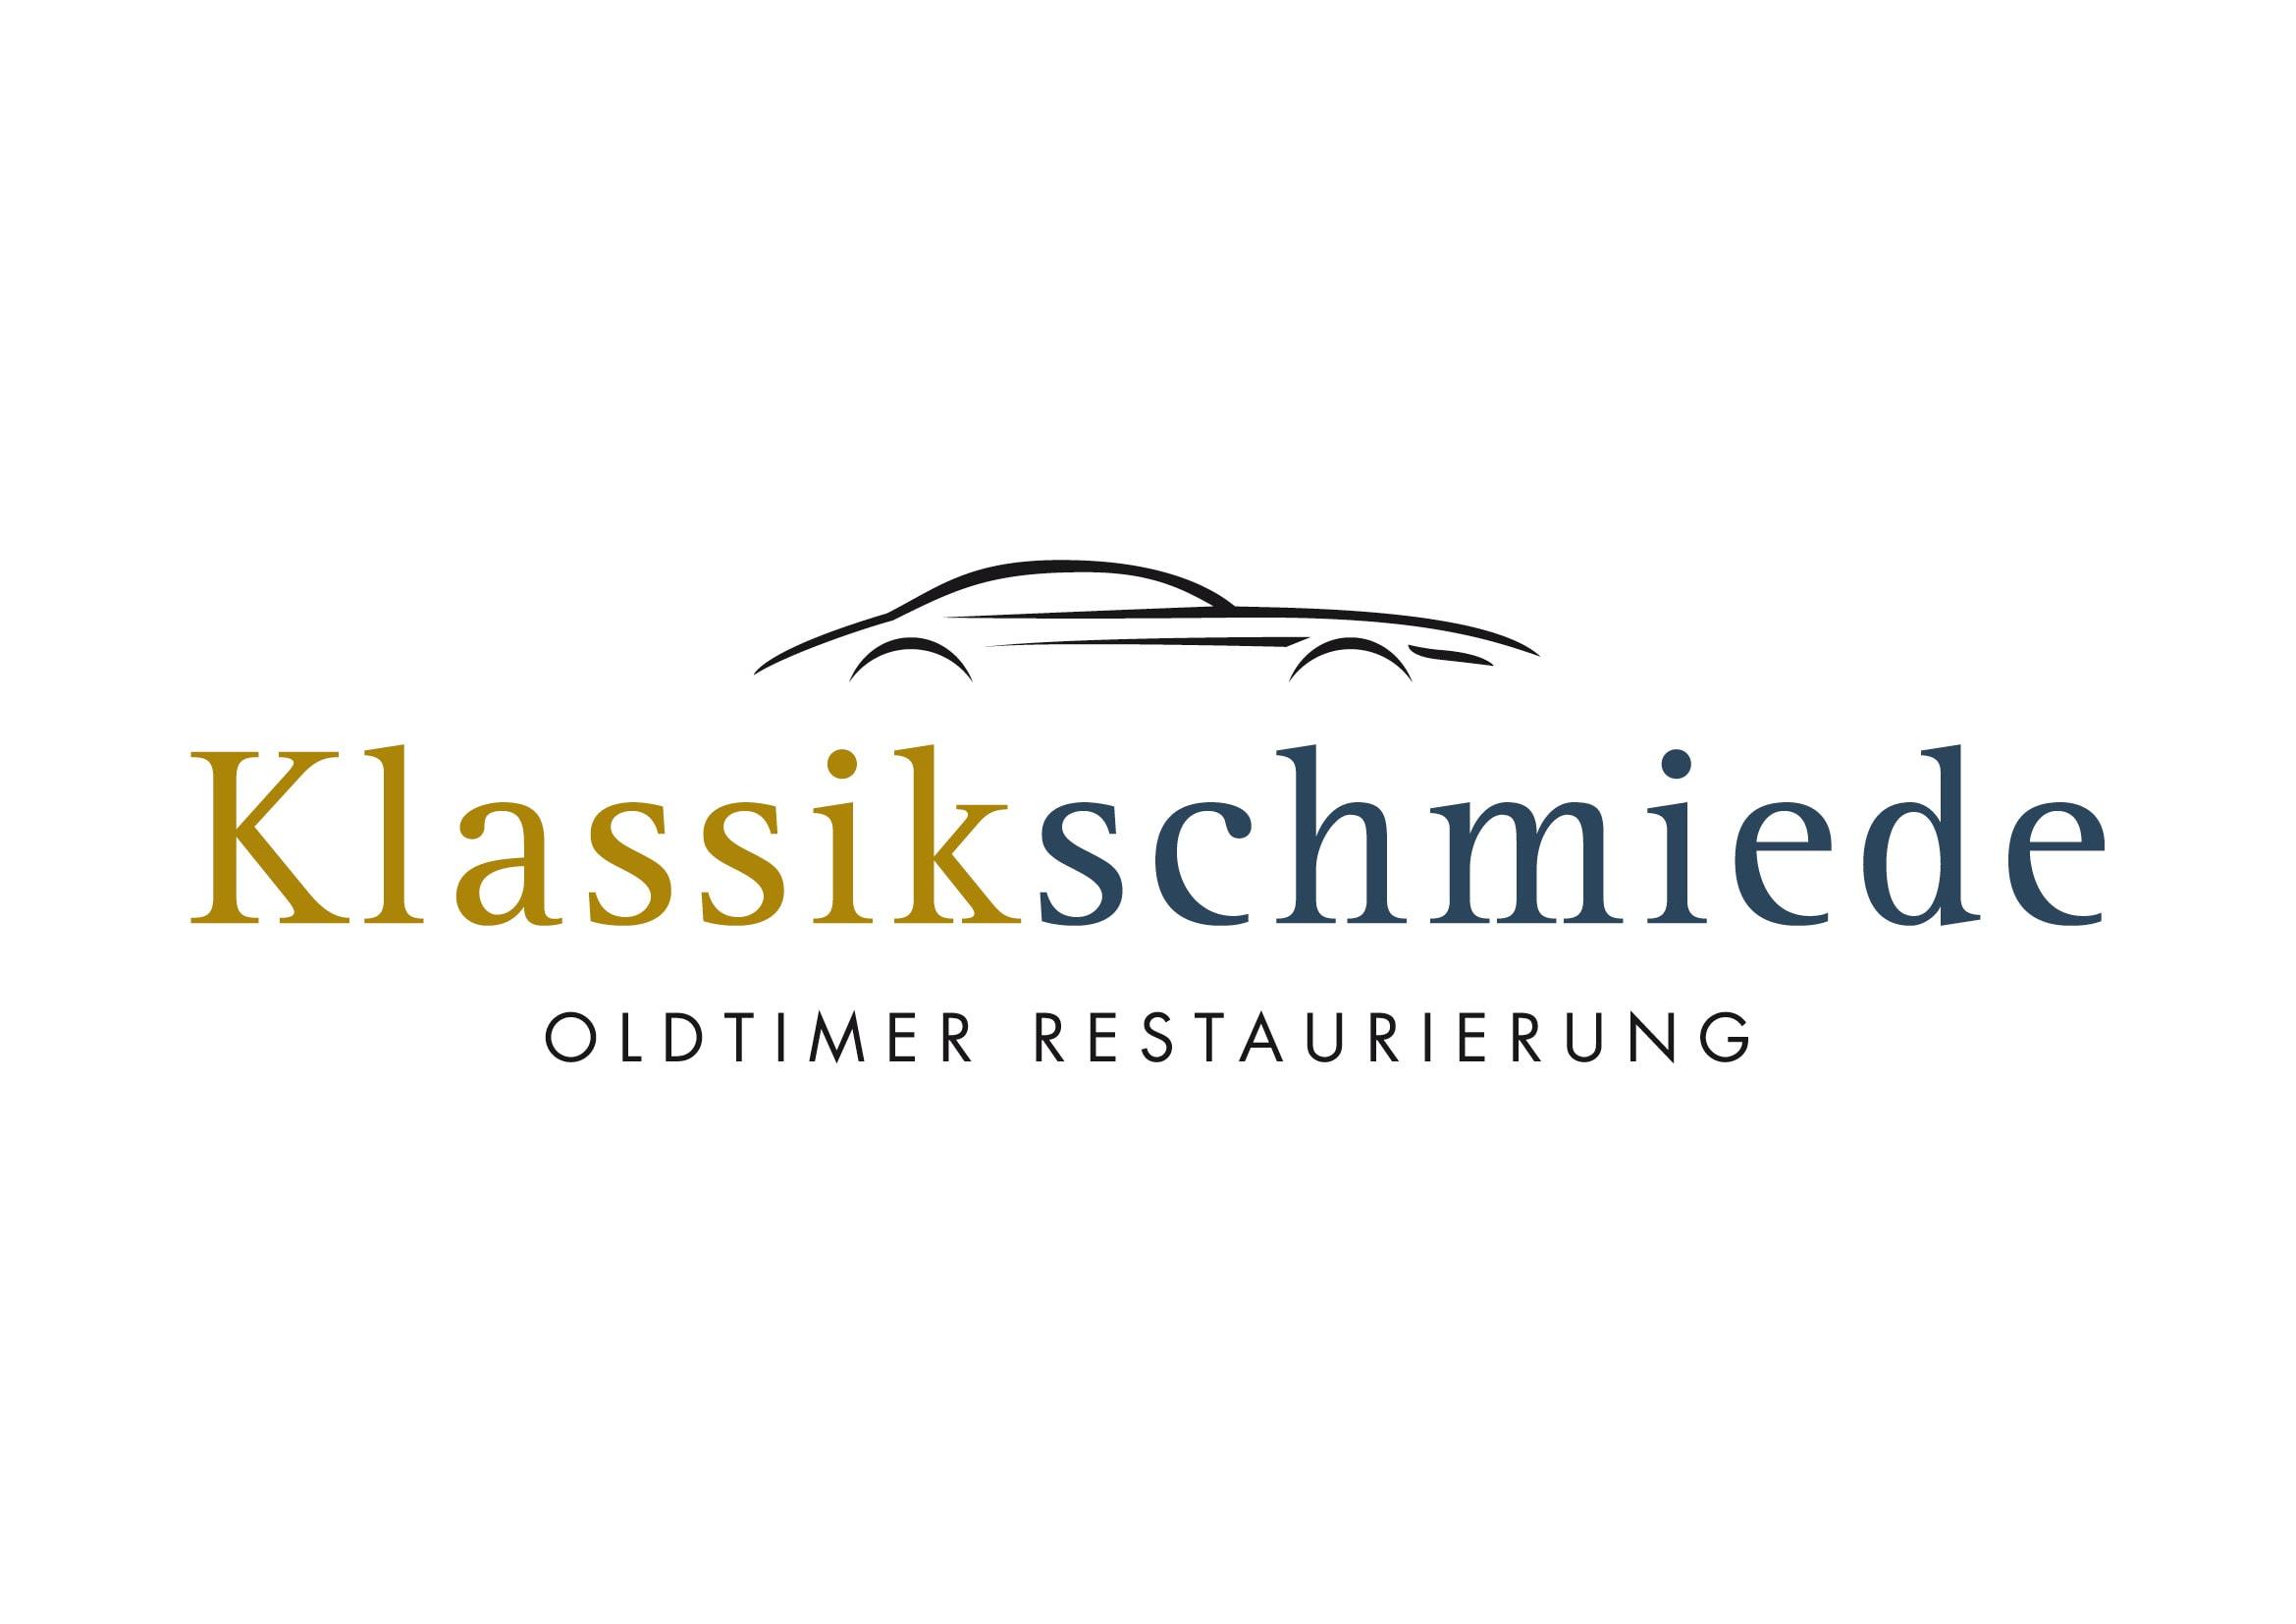 Logo Entwicklung für Oldtimer Manufaktur durch Logodesigner Ronald Wissler Frankfurt